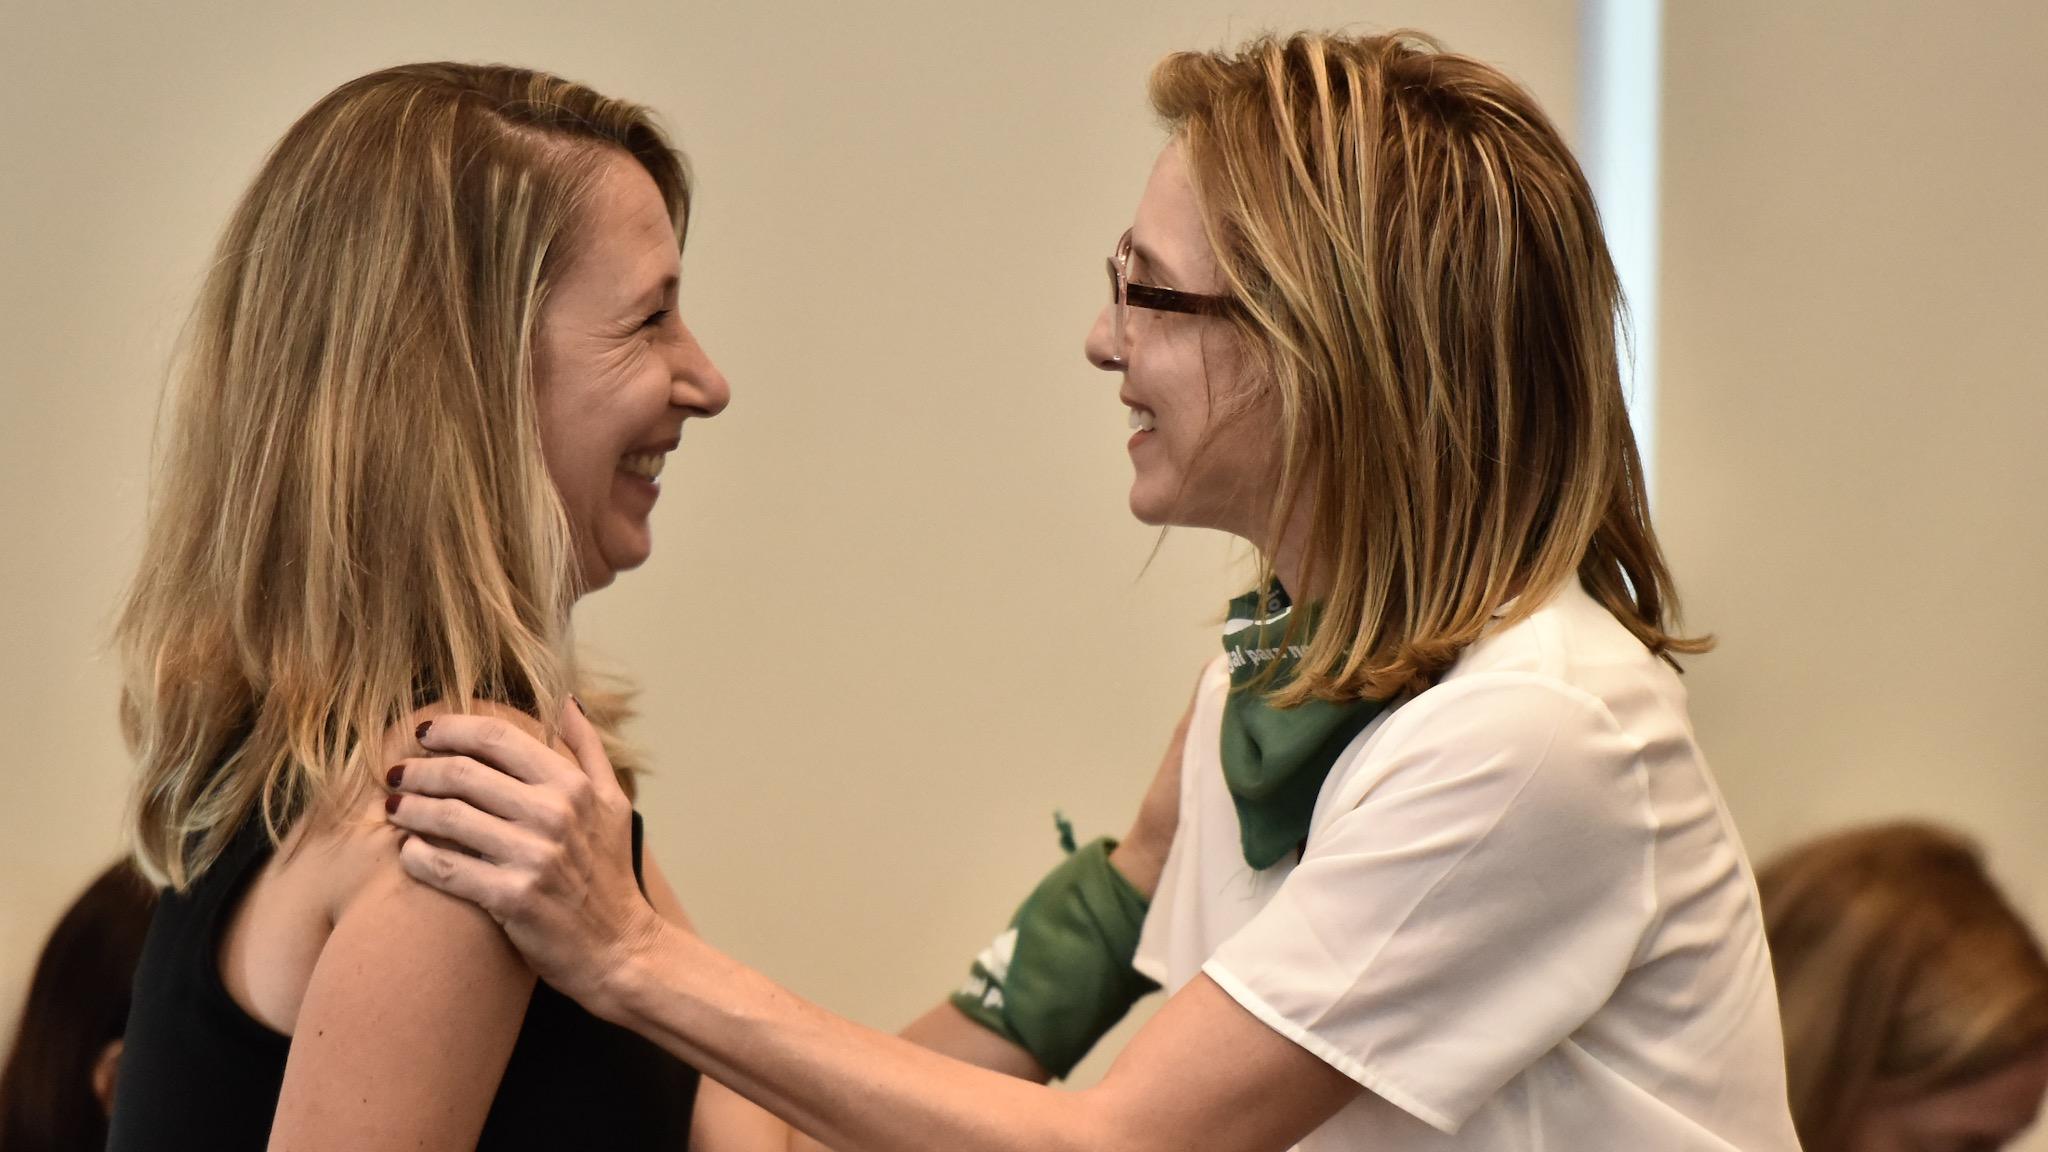 La legisladora porteña Myriam Bregman saluda a Carla Peterson